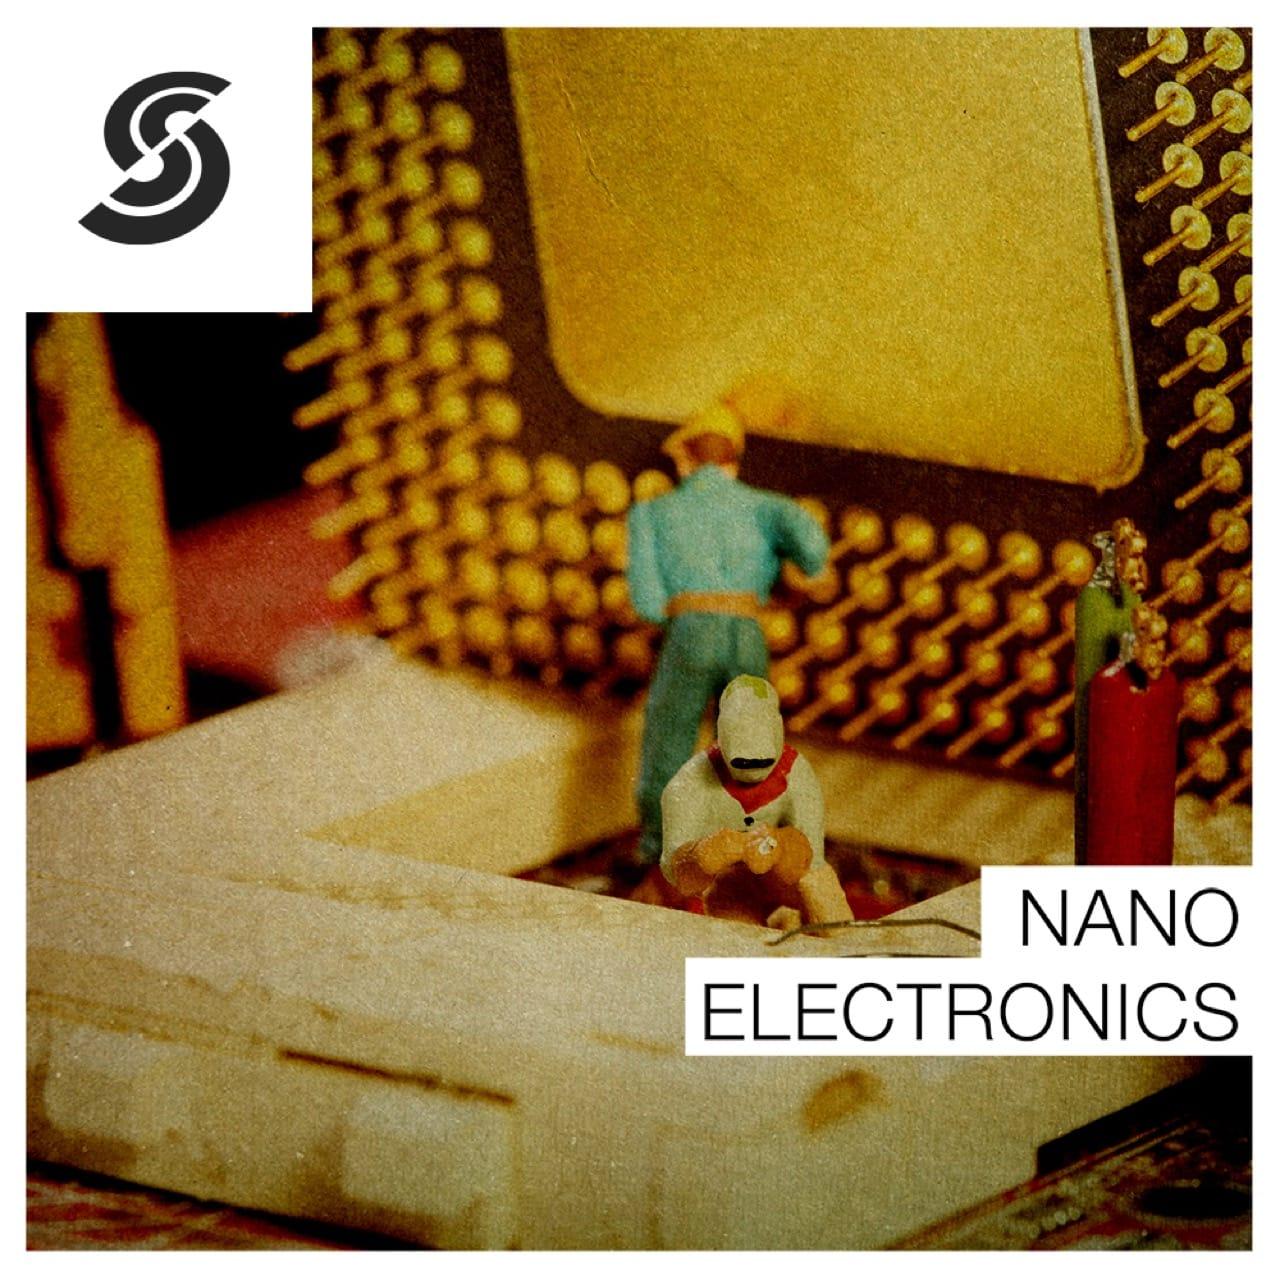 Nano electronics x